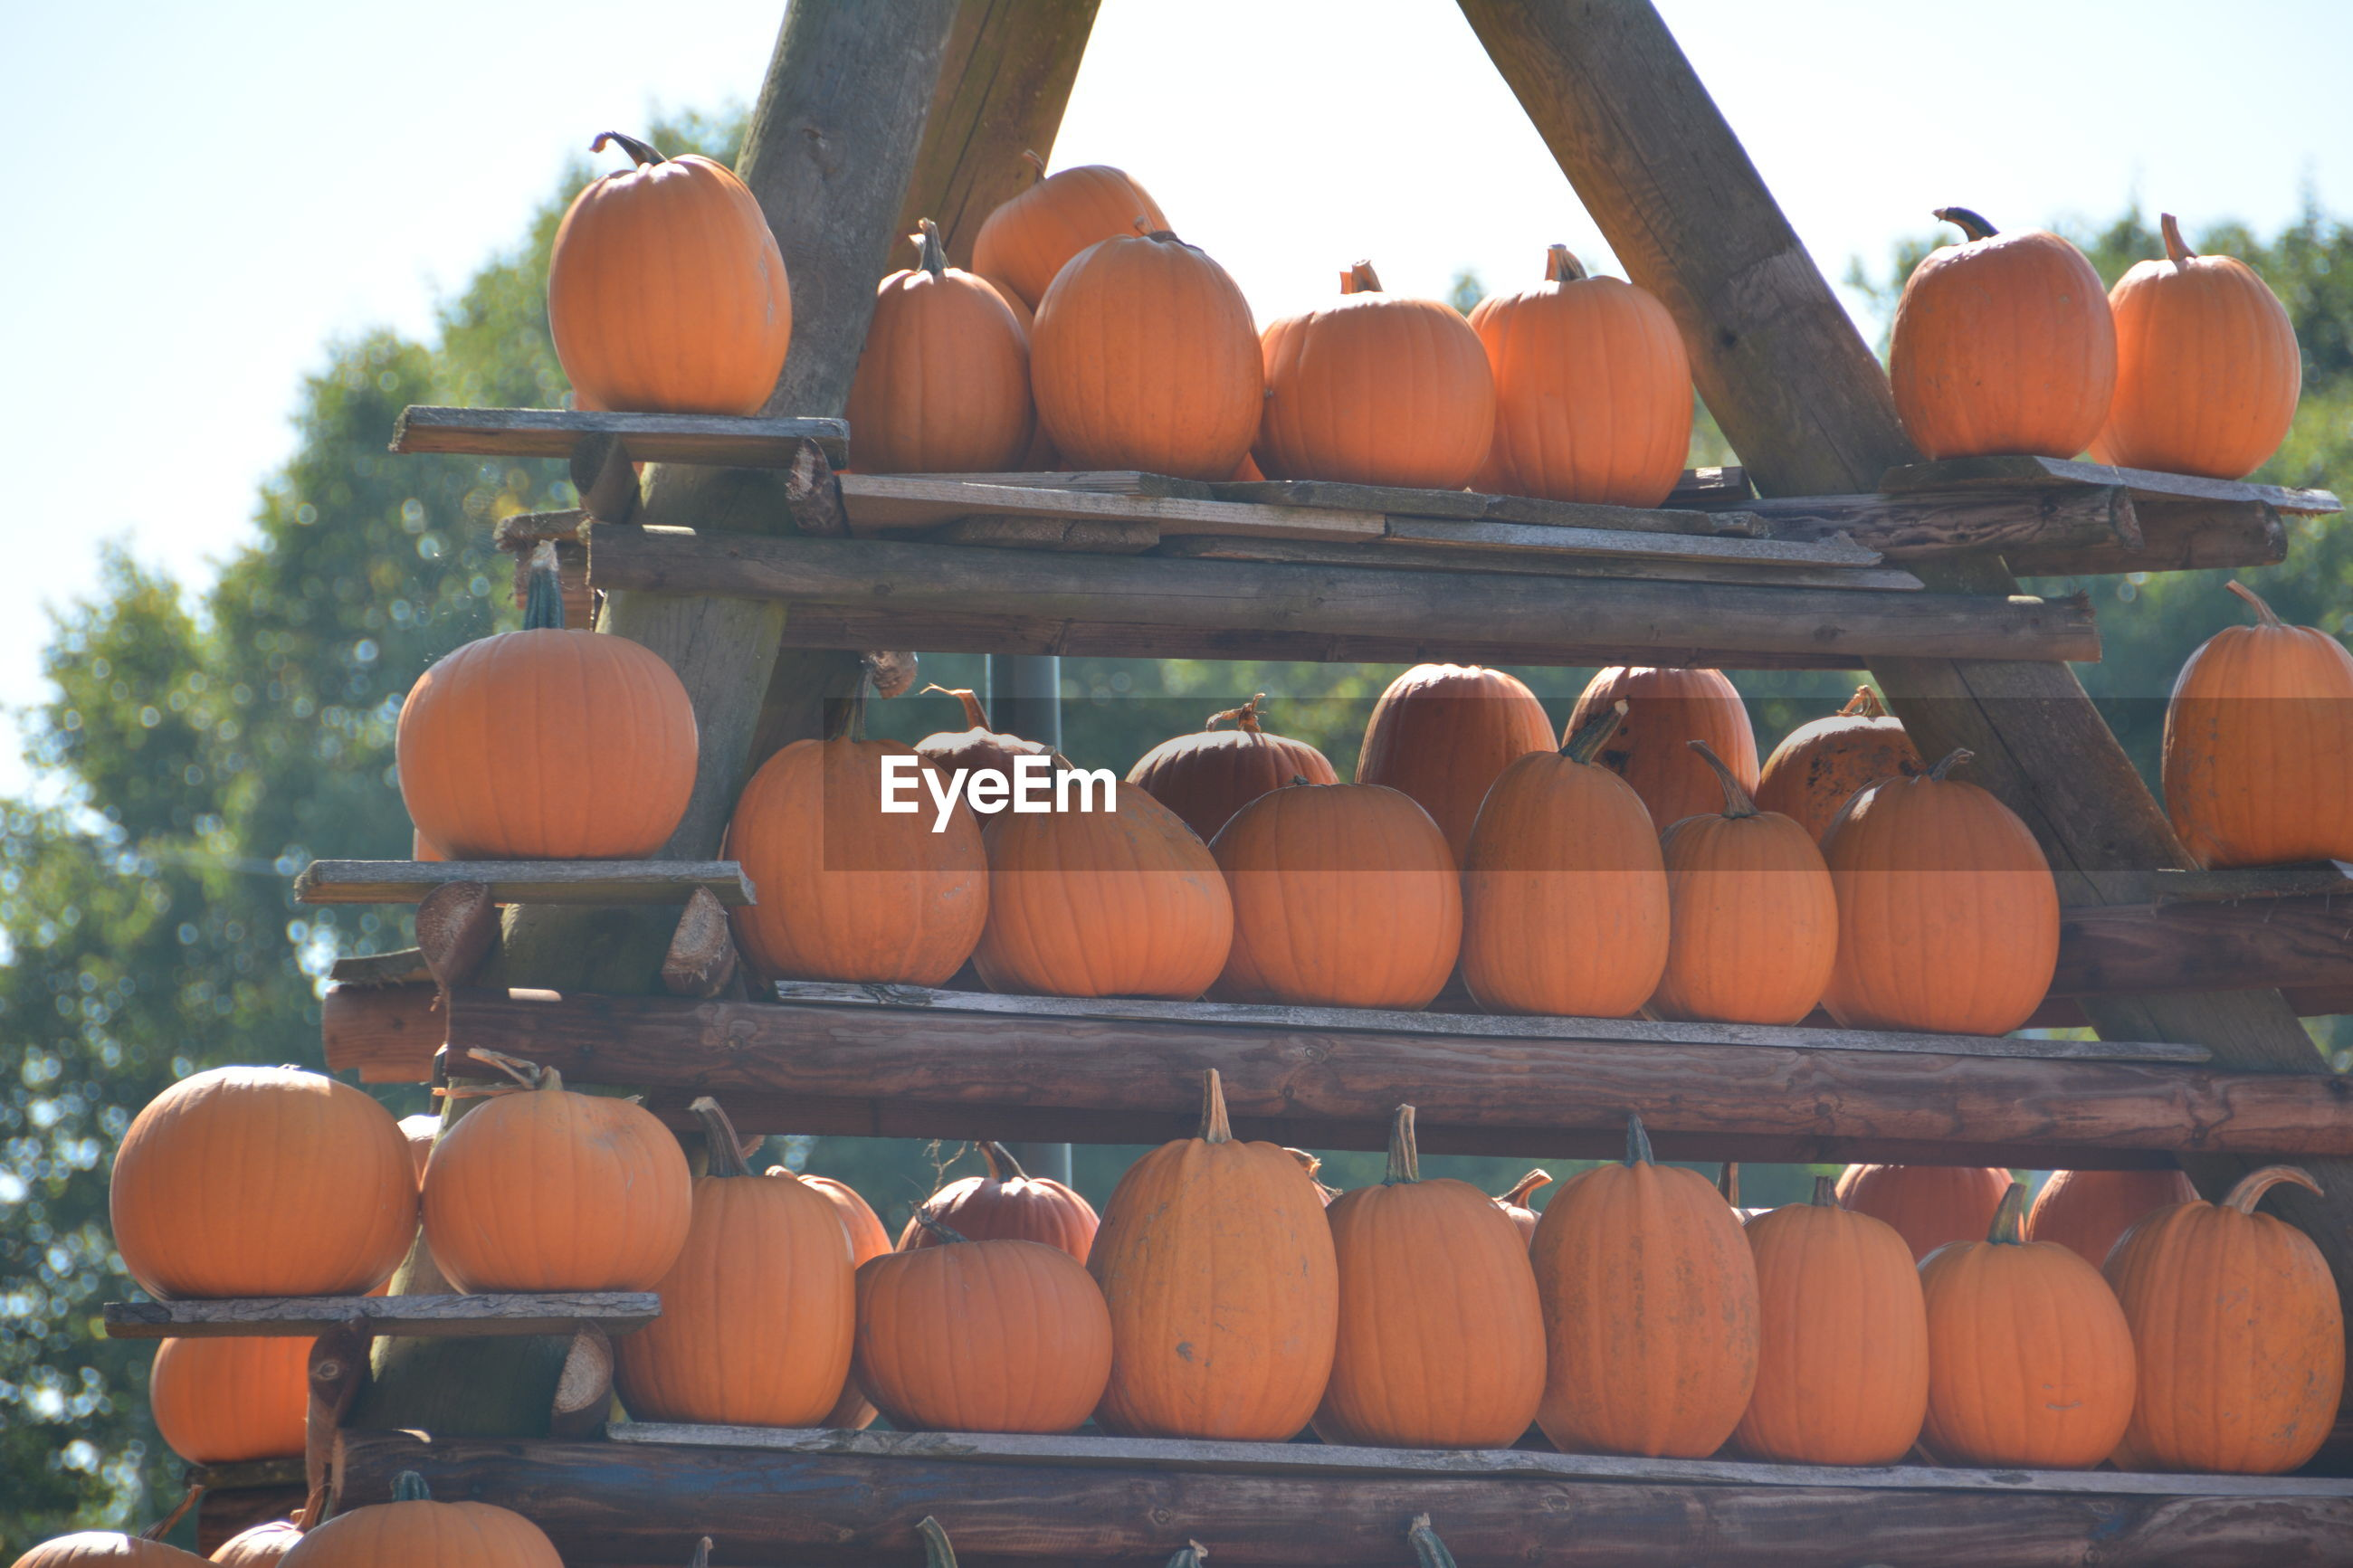 Pumpkins arranged on shelves for sale at market